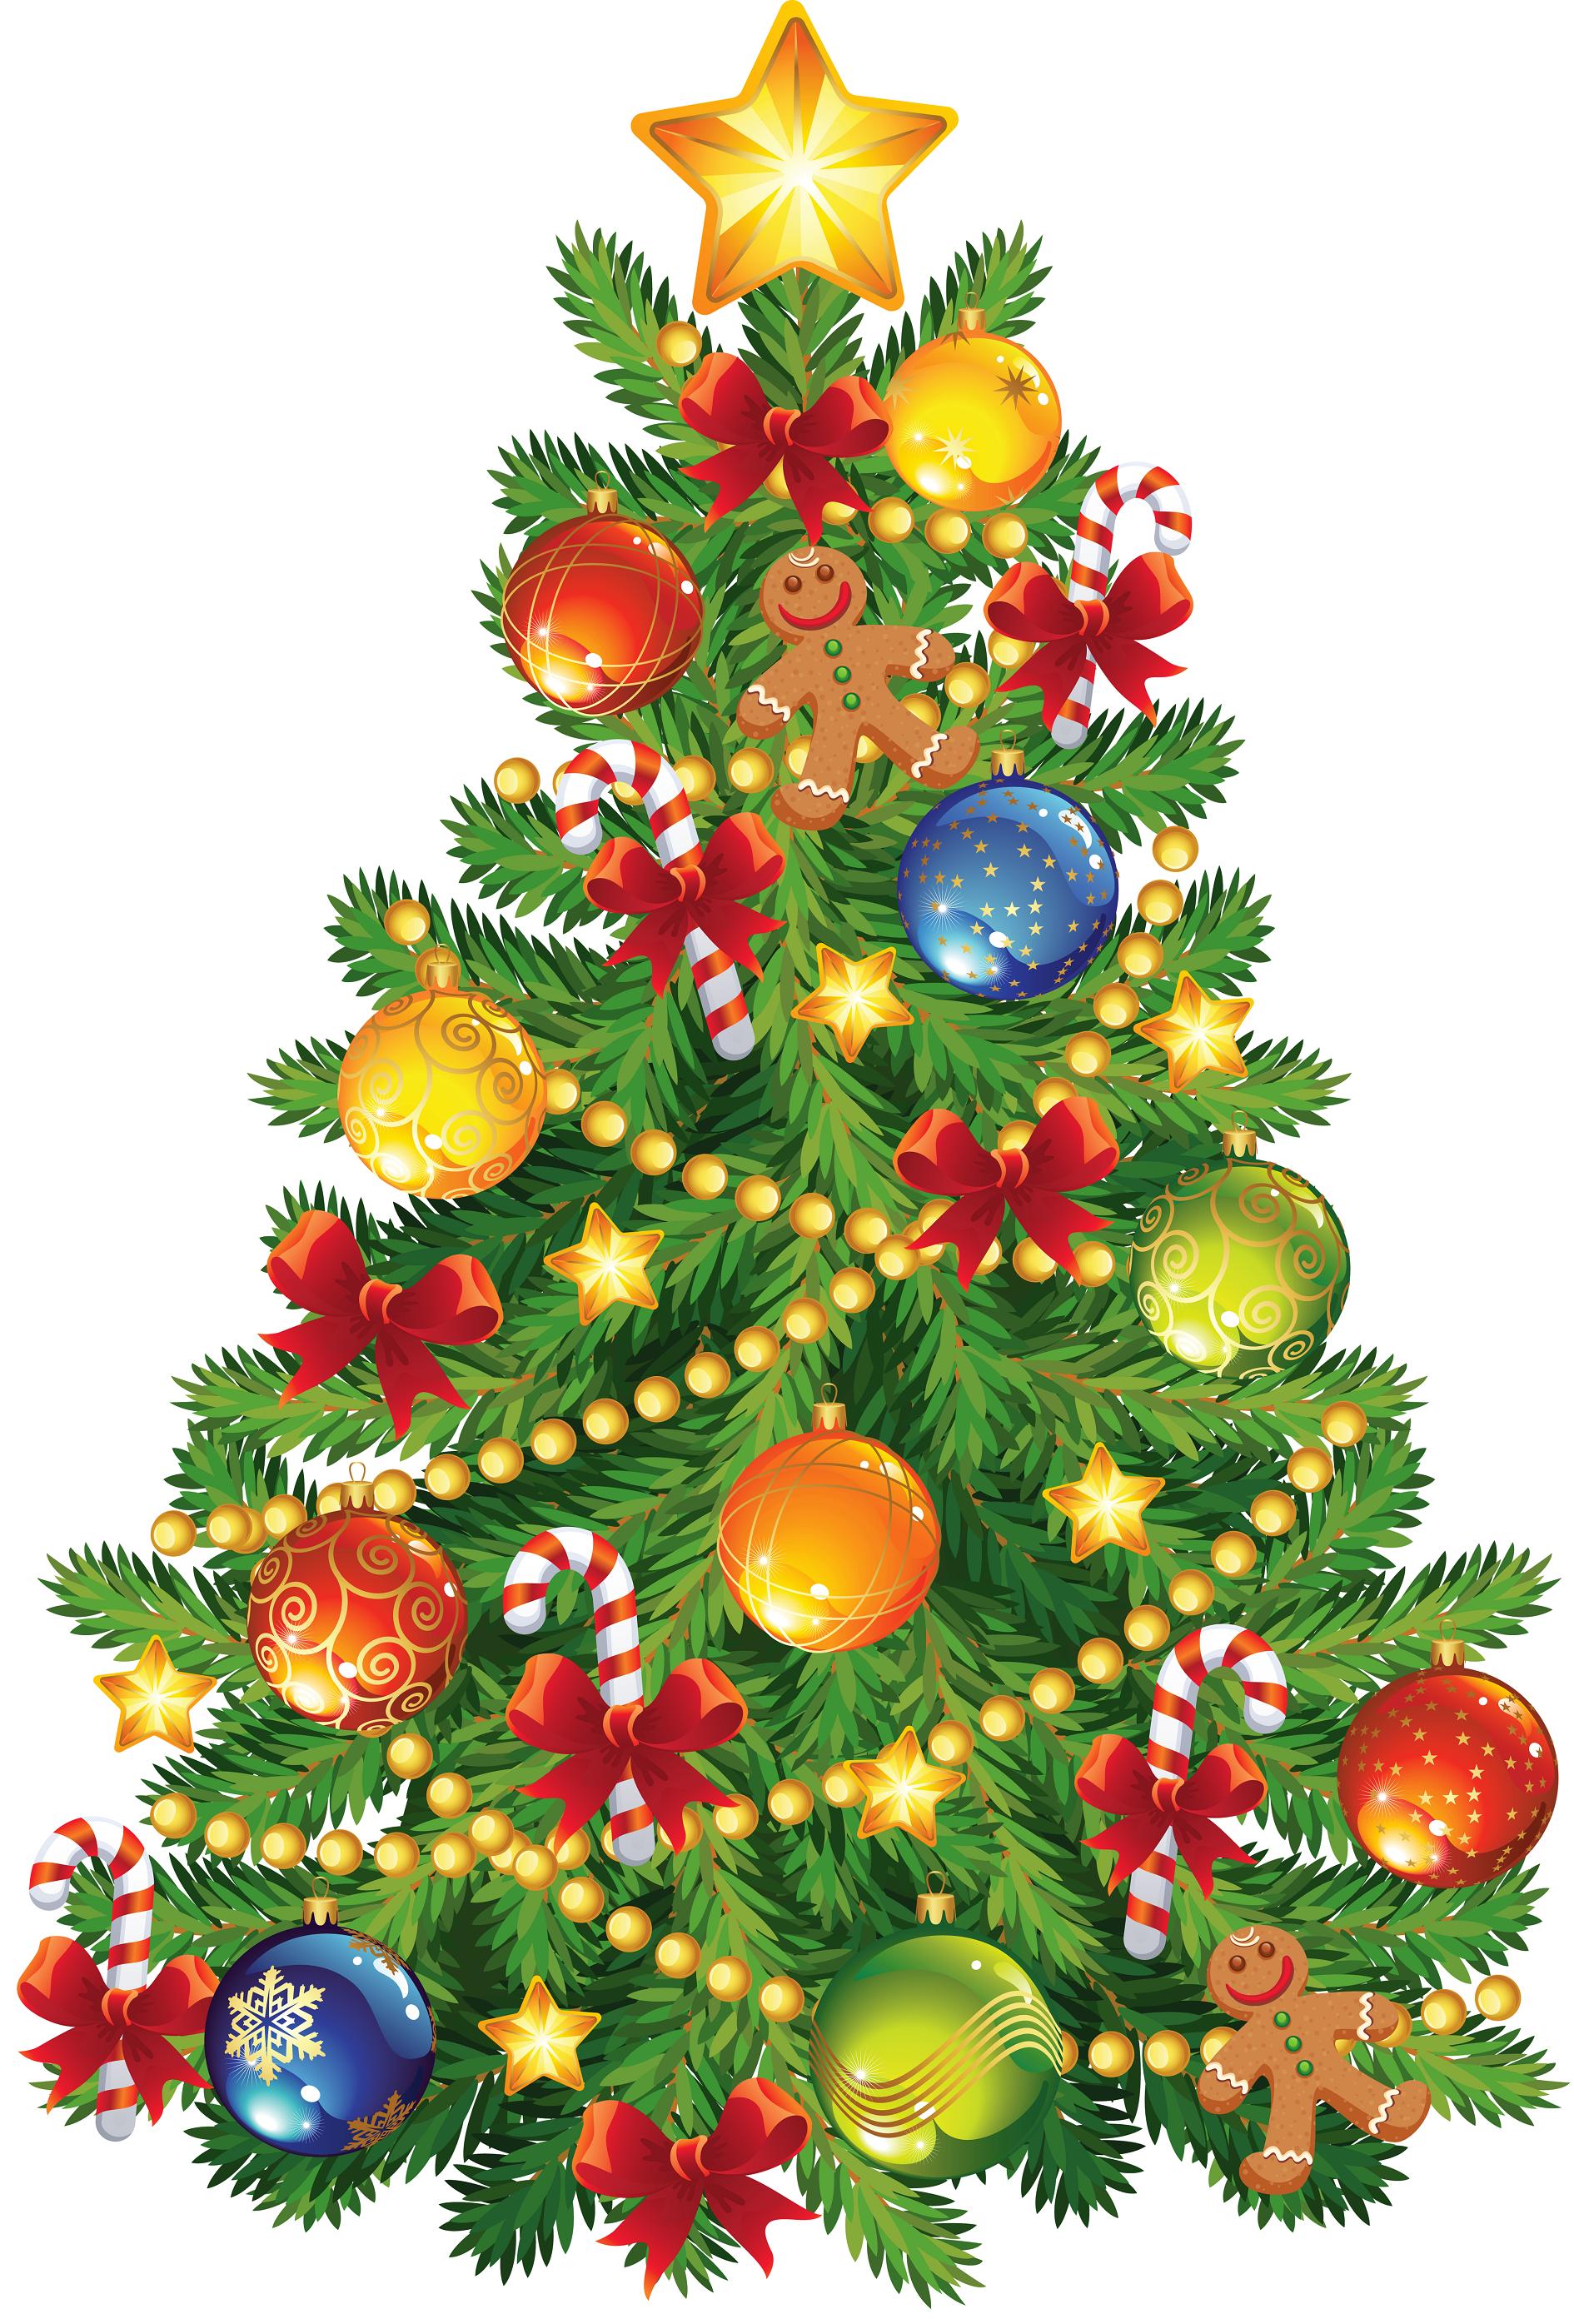 Christmas Tree Clip Art Large Christmas Drawing Christmas Tree Images Christmas Tree Clipart